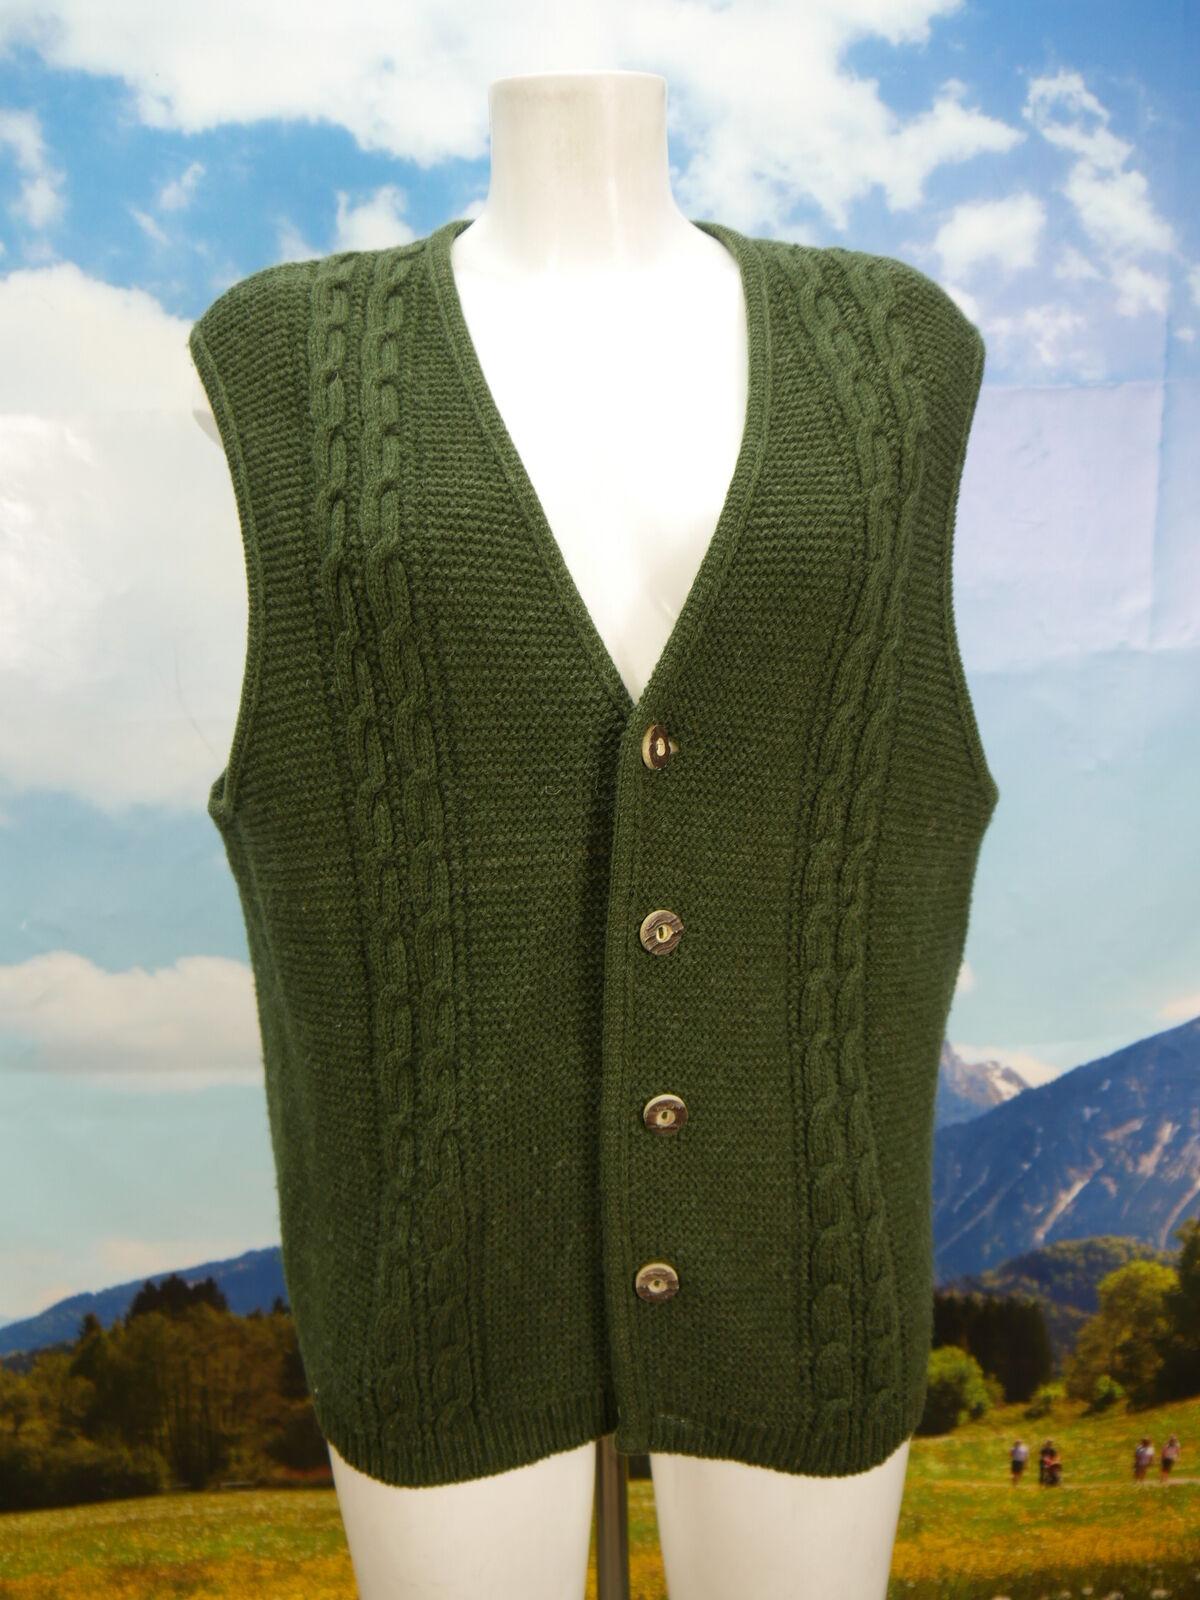 Gilet a maglia con lavorazione a trecce brevemente verde tradizionalmente Trachten Giubbotto Gilet Tg. 52